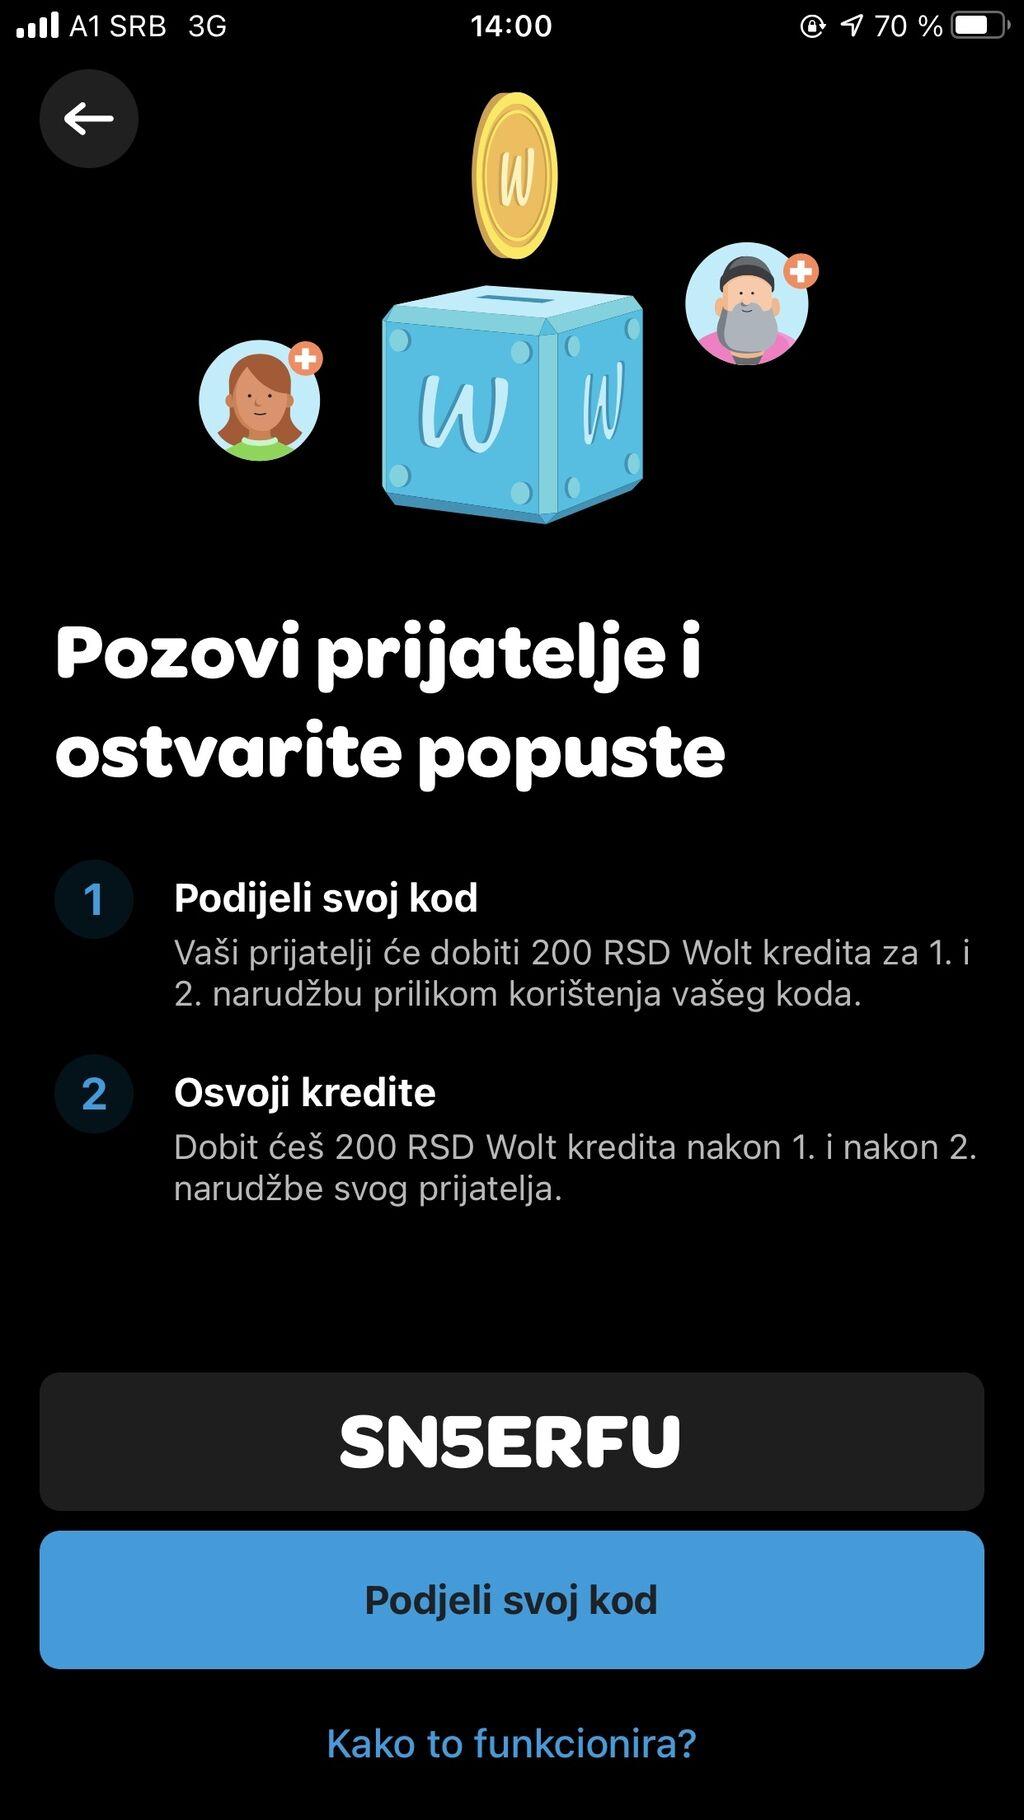 Preuzmi aplikaciju Wolt i ukucaj moj promo kod SN5ERFU za specijalni p | Oglas postavljen 07 Avgust 2021 12:01:29 | OSTALI POSLOVI: Preuzmi aplikaciju Wolt i ukucaj moj promo kod SN5ERFU za specijalni p